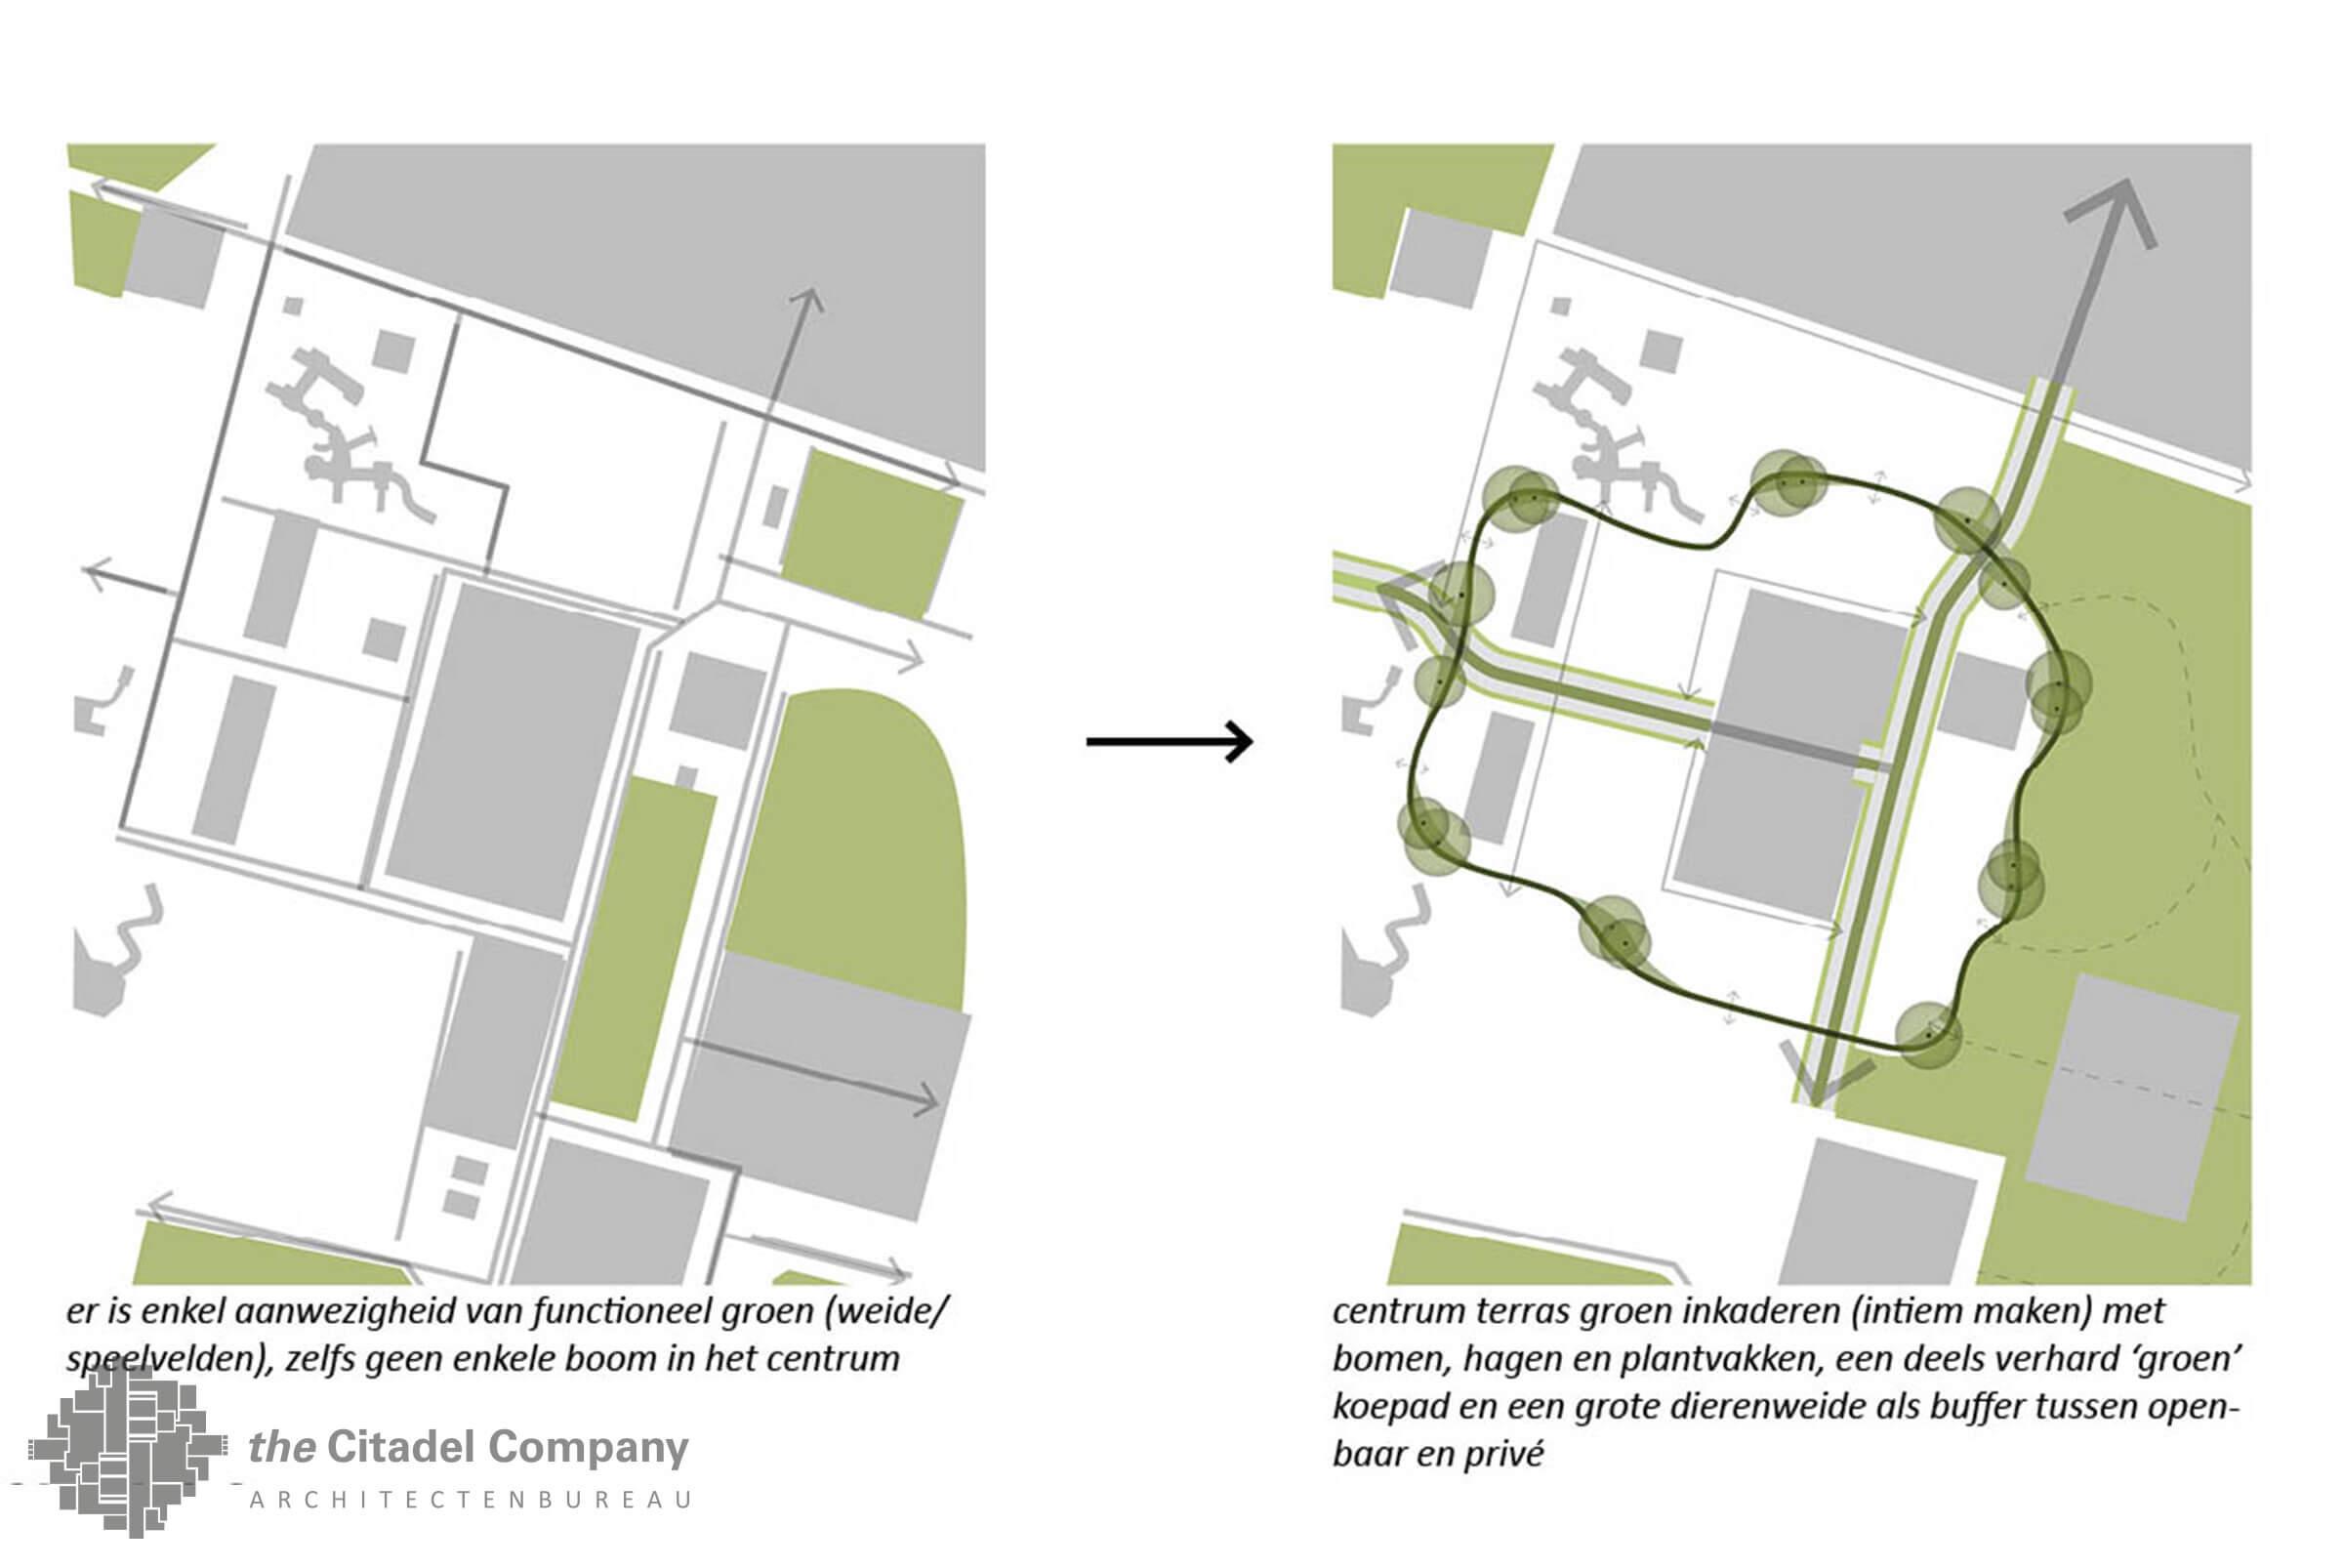 Terreininrichtingsplan de Flierefluiter, Raalte_nieuwe groenstructuur